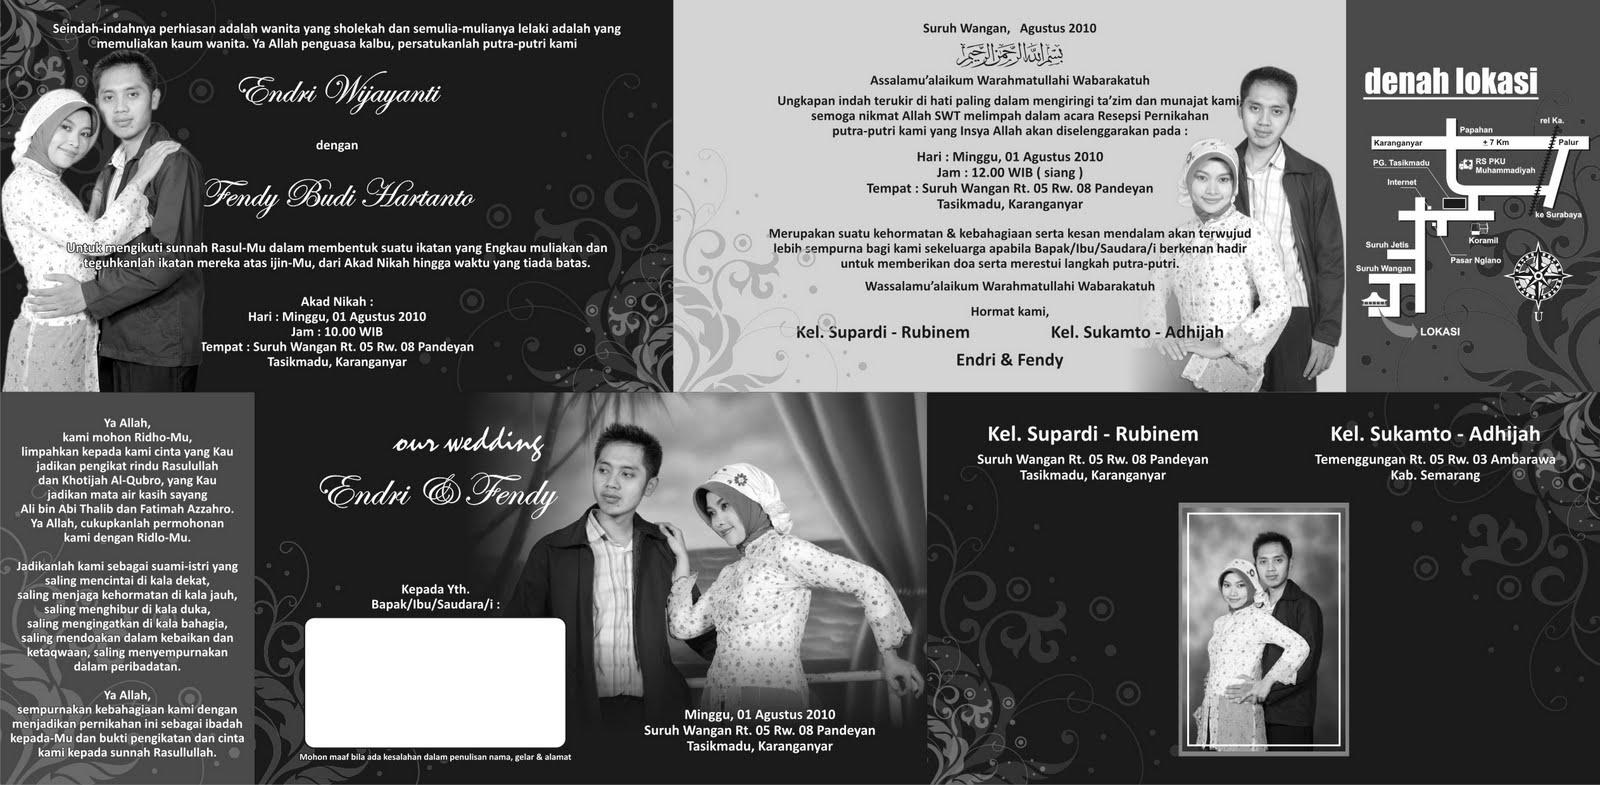 Template undangan yang di posting kali ini kami berikan secara cuma